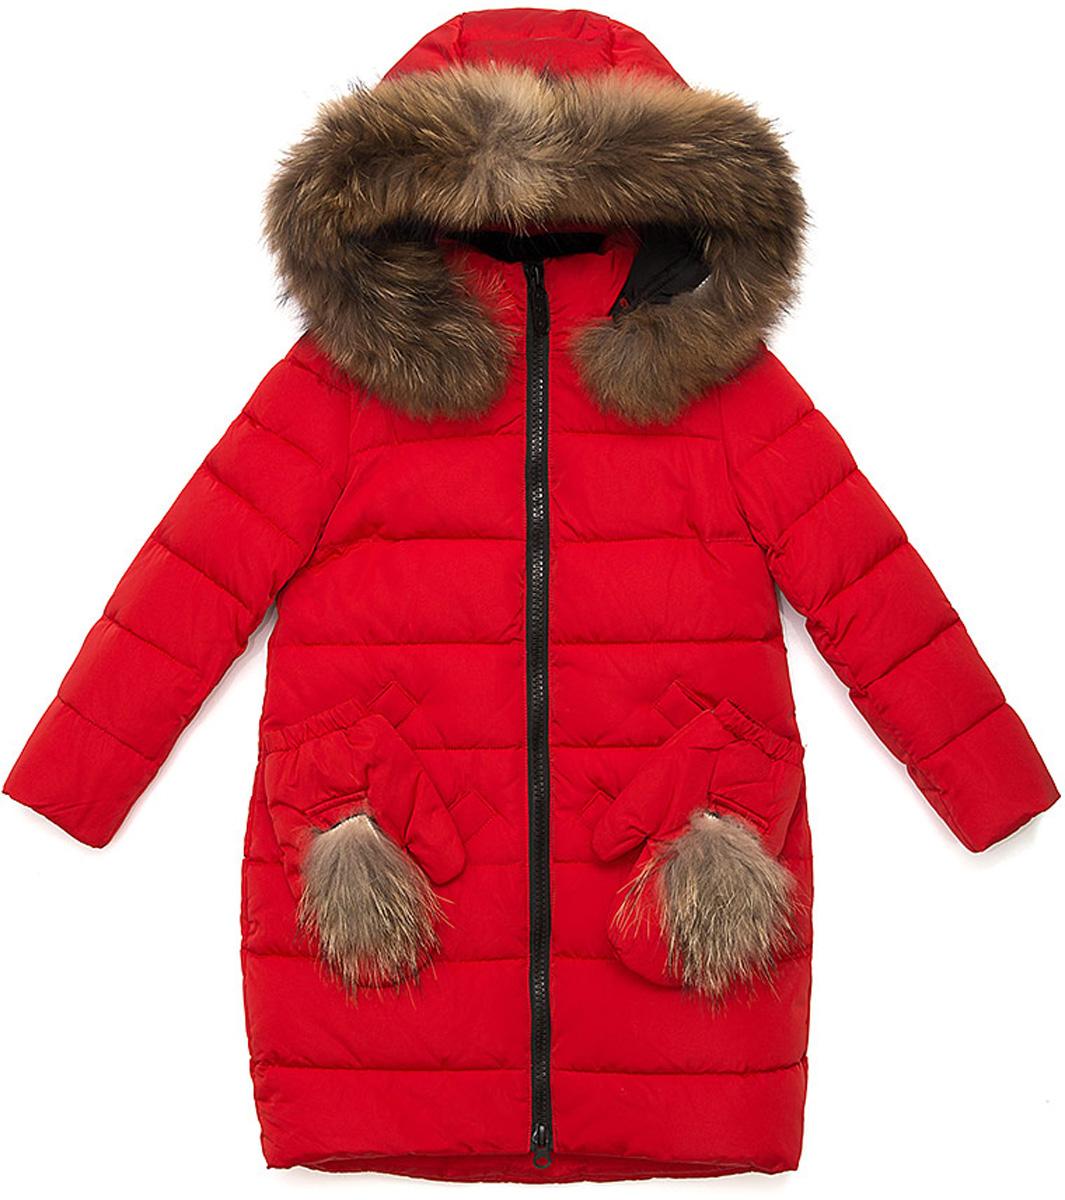 Куртка для девочки Vitacci, цвет: красный. 2171475-05. Размер 1282171475-05Удлиненная куртка для девочки Vitacci, изготовленная из полиэстера, станет стильнымдополнением к детскому гардеробу.Подкладка выполнена из полиэстера и дополнительно утеплена флисом по спинке. В качестве утеплителя используется биопух.Модель застегивается на застежку-молнию и имеет съемный капюшон с отделкой из натурального меха. Спереди расположены два кармана, украшенные съемными варежками с меховым помпоном.Температурный режим от -10°С до -25°С.Теплая, удобная и практичная куртка идеально подойдет юной моднице для прогулок!